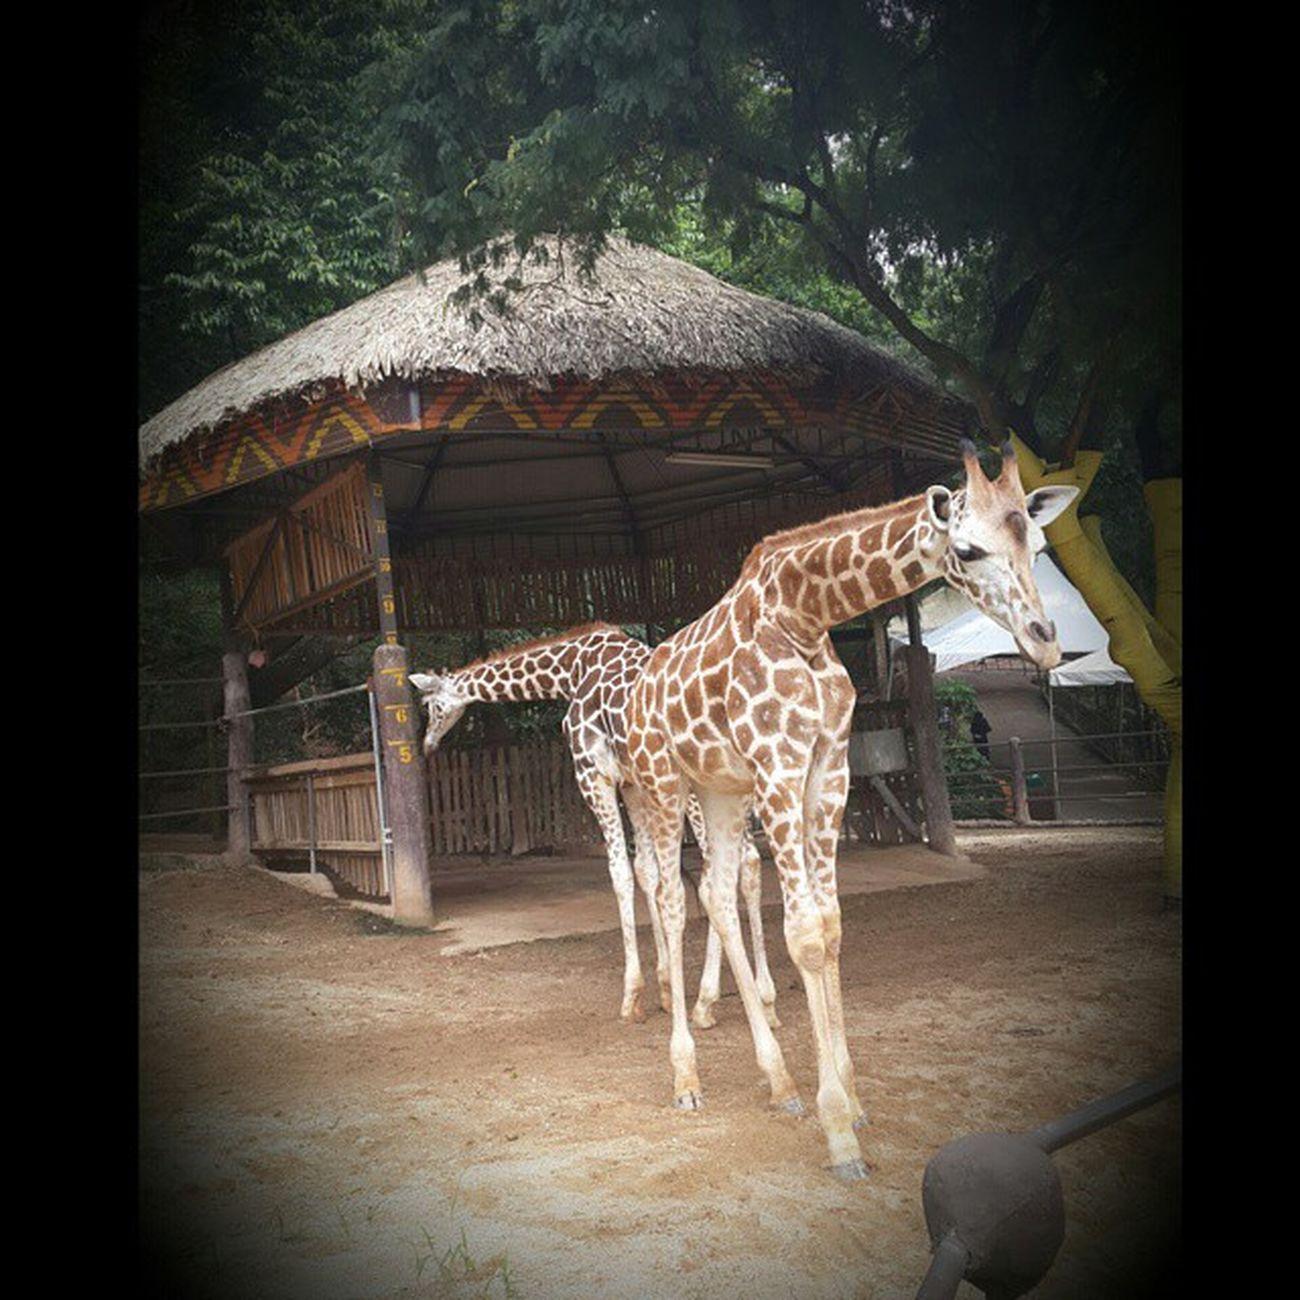 Beautiful Creatures Giraffes Zoo Trinidad Emperorvalleyzoo